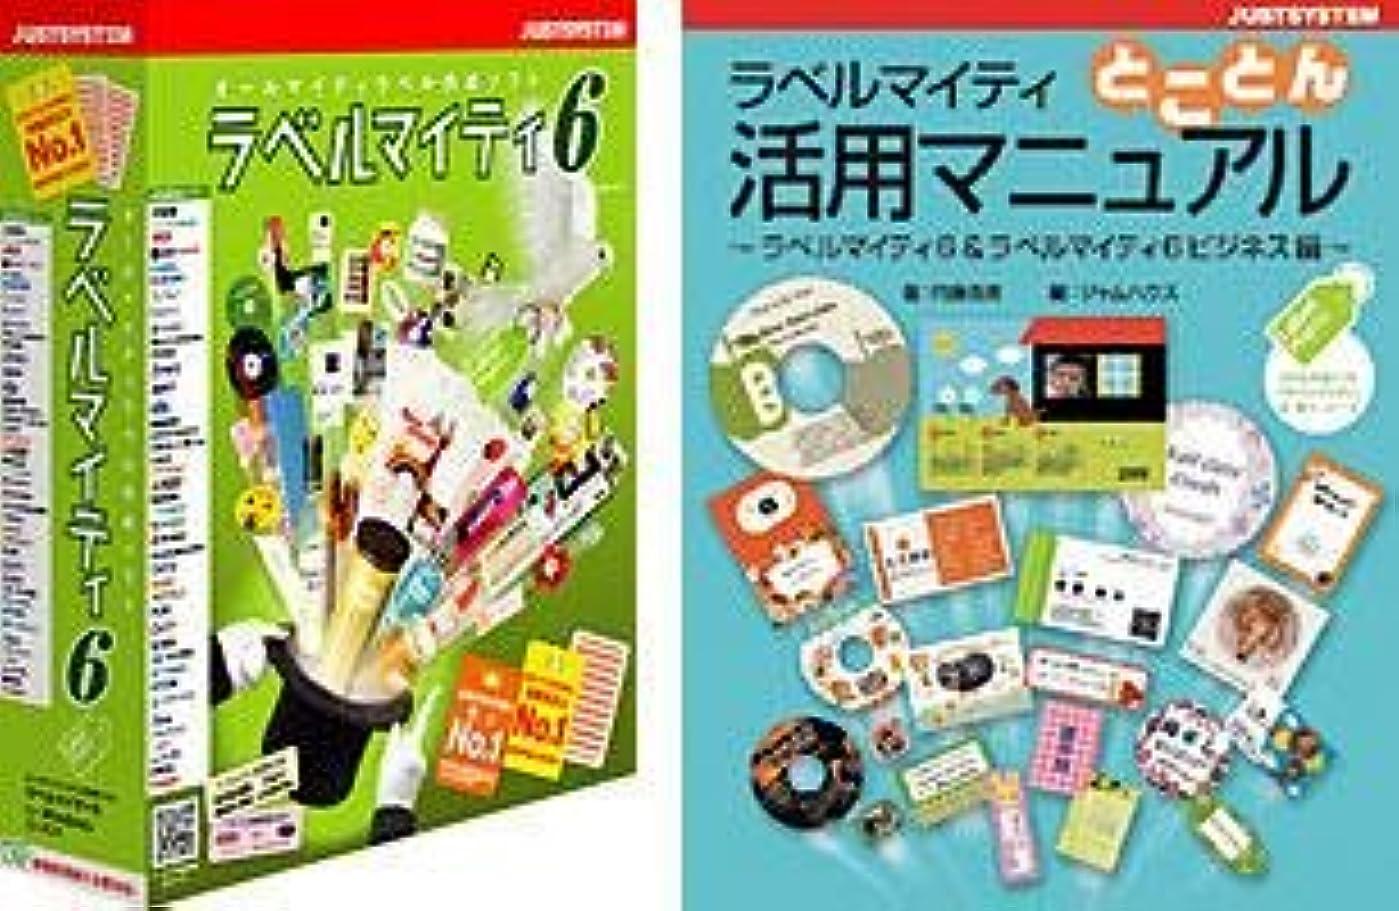 レッスンコークス群衆ラベルマイティ6 書籍セット for Windows CD-ROM